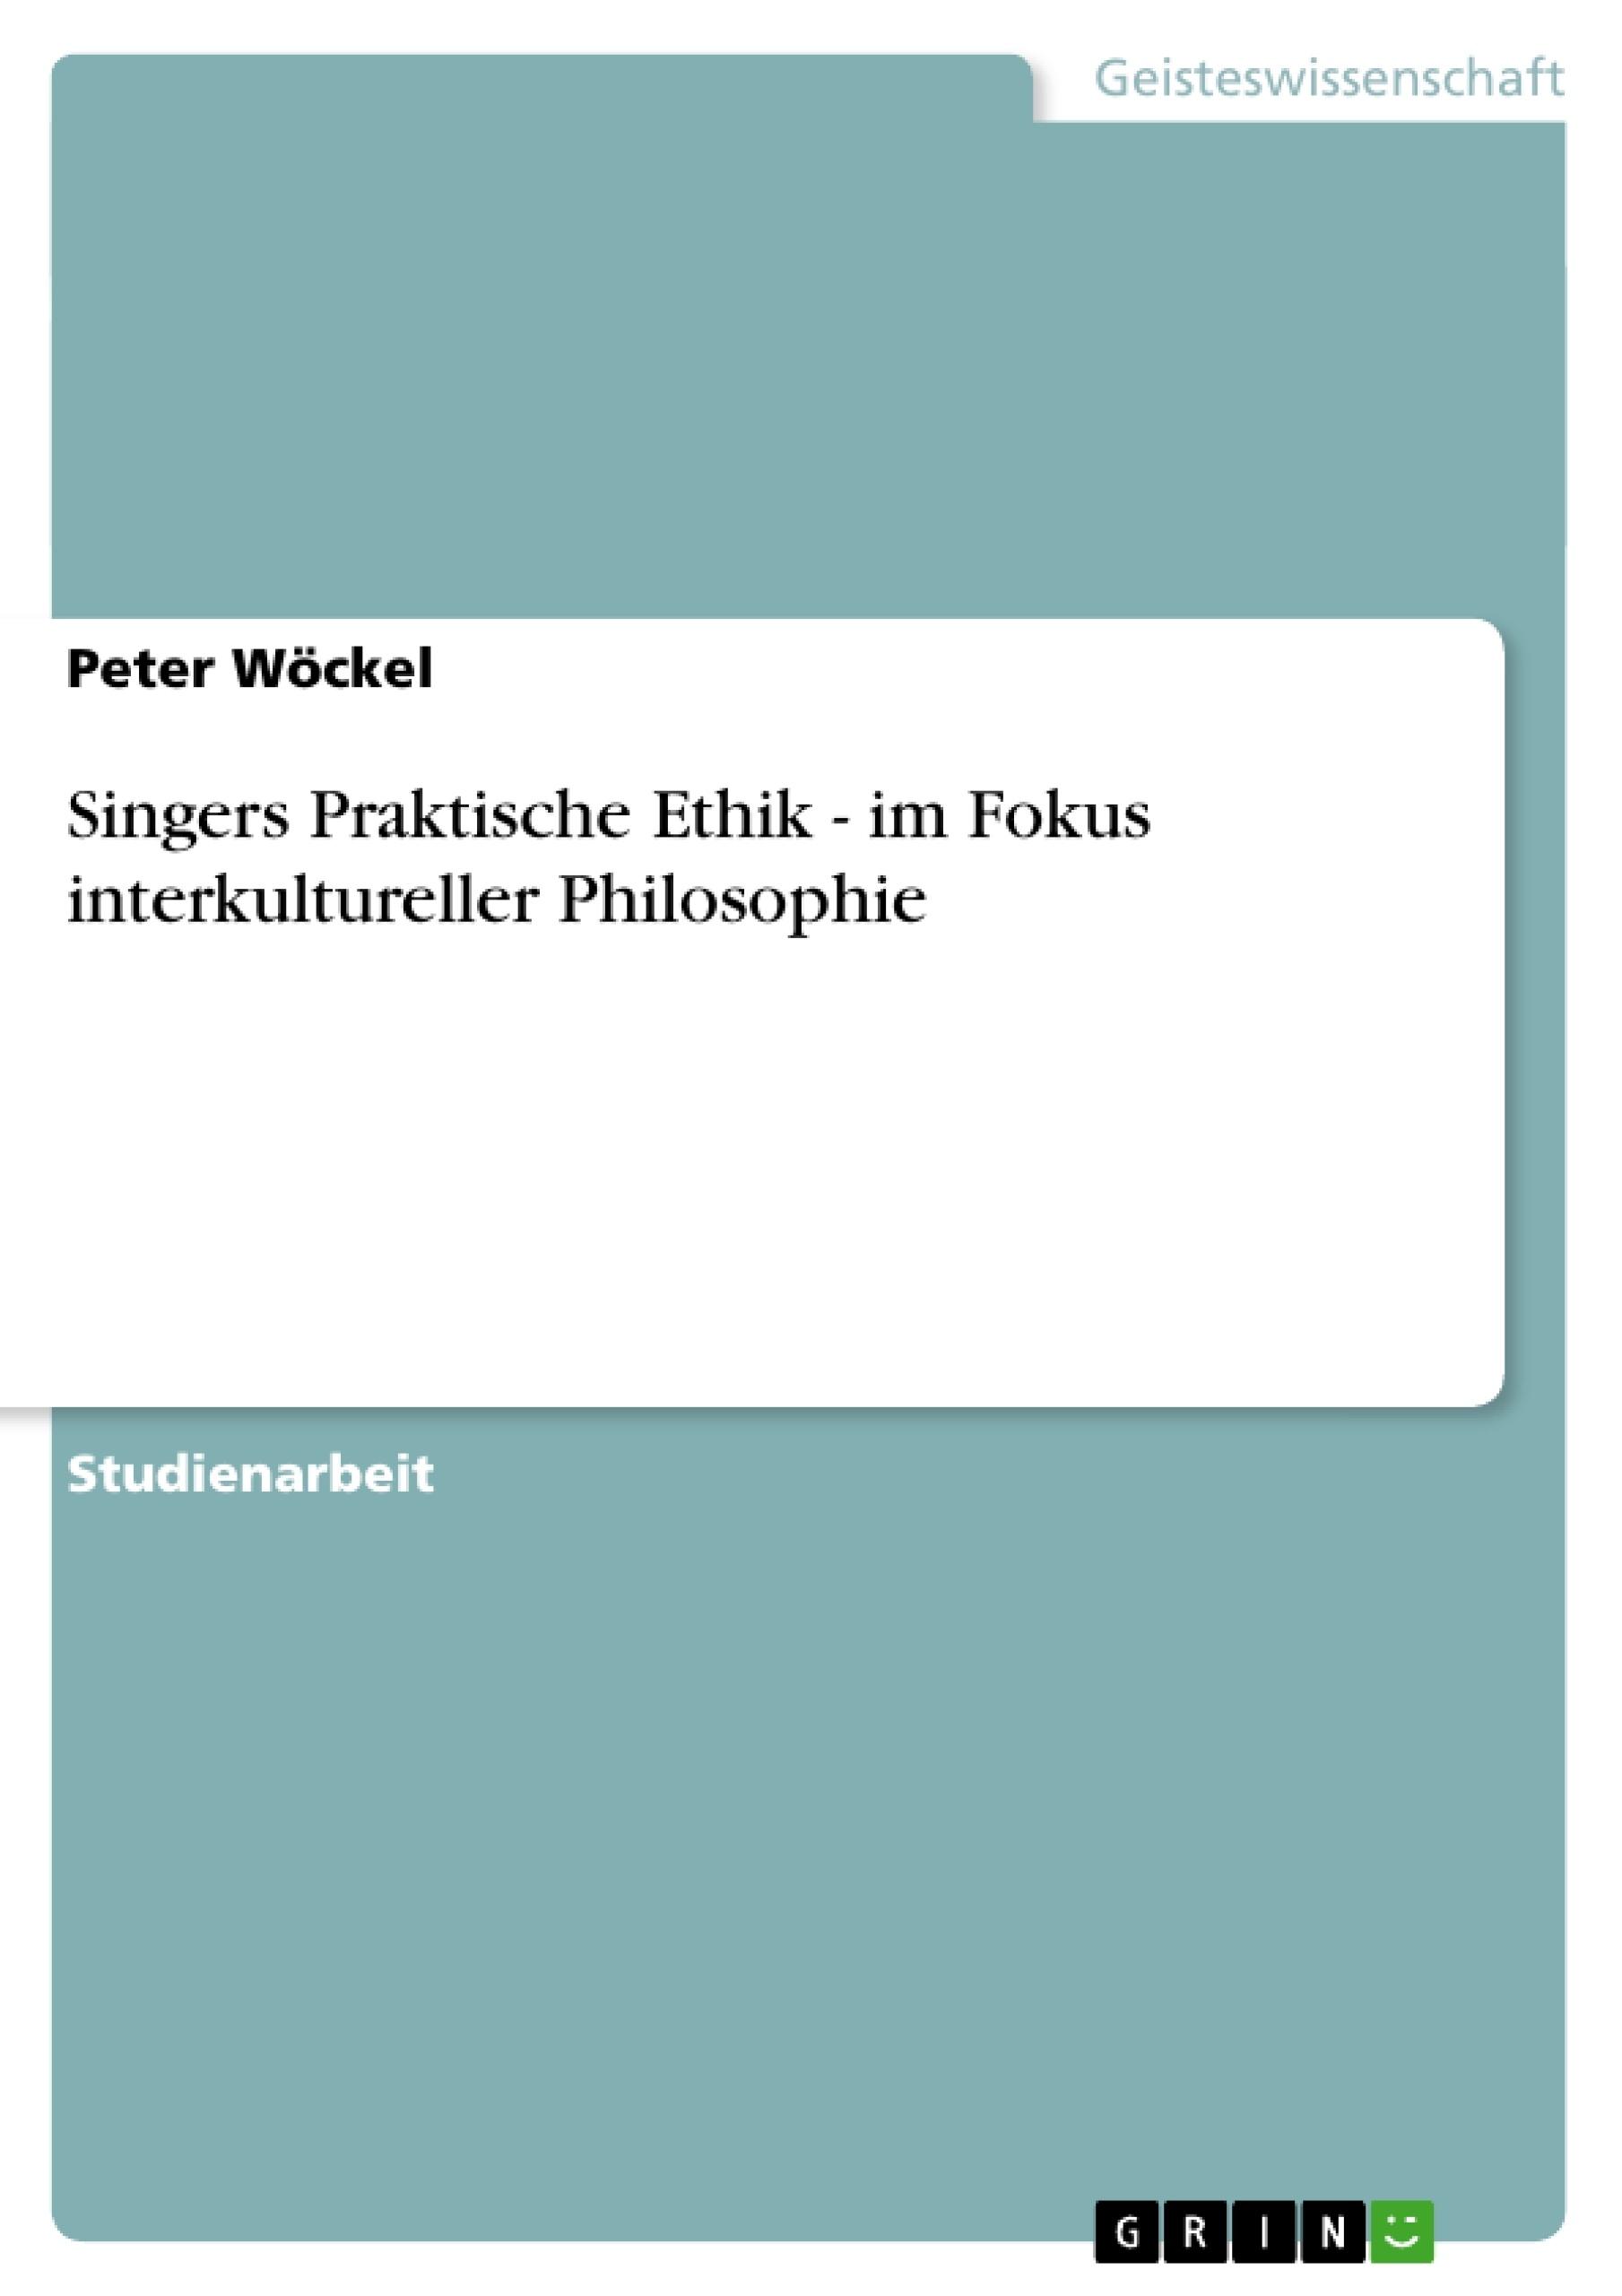 Titel: Singers Praktische Ethik - im Fokus interkultureller Philosophie